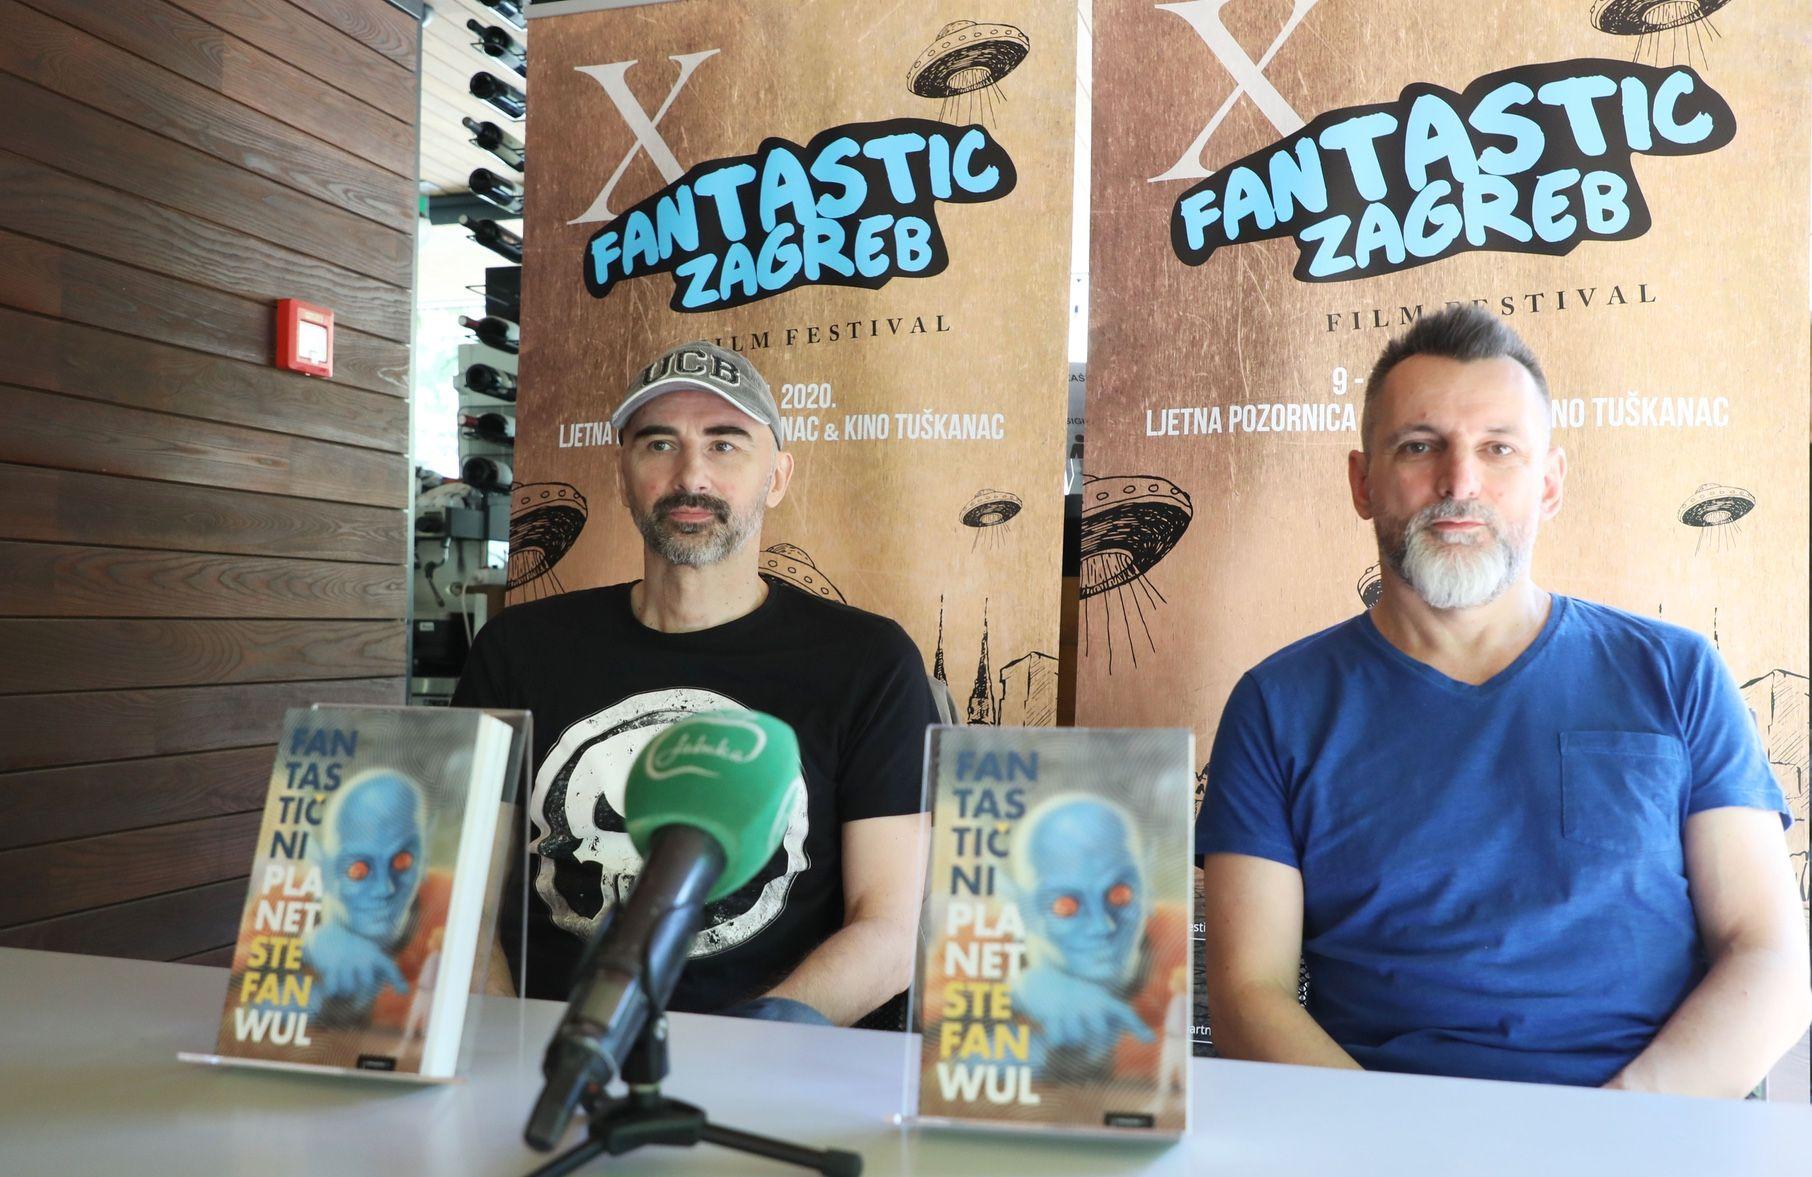 Fantastic Film Festival najavio bogat filmski program i promociju romana 'Fantastični planet'